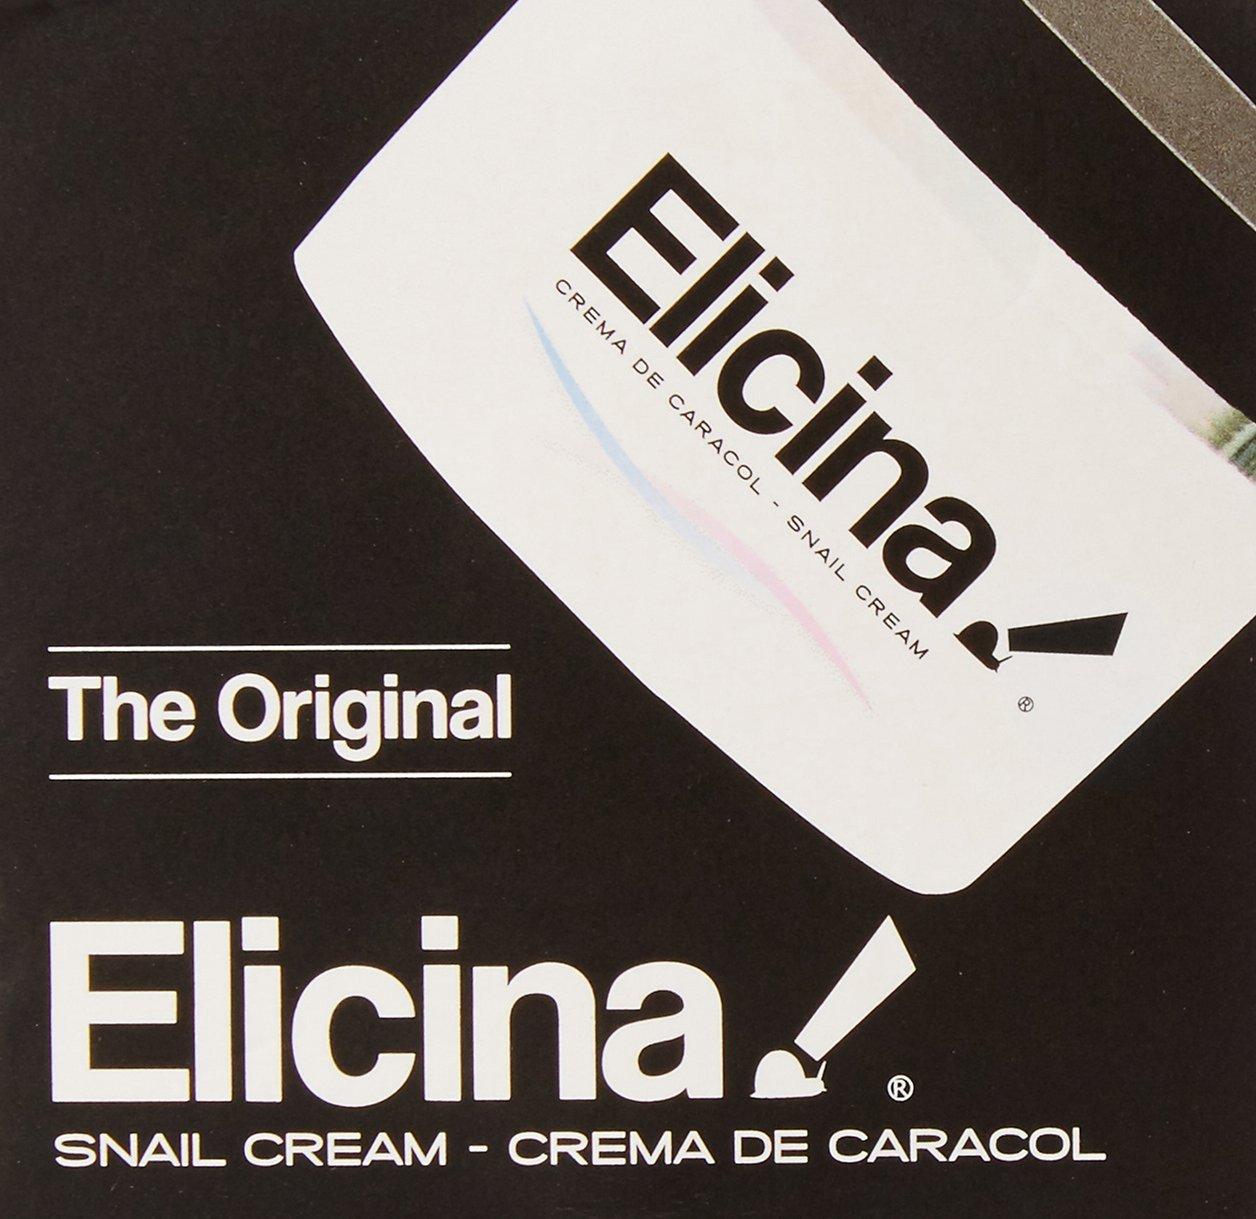 Amazon.com: Elicina Crema De Caracol La Original - Reduce Las Arrugas, Manchas Oscuras Y El Acne - Tratamiento Organico Y Natural: Beauty